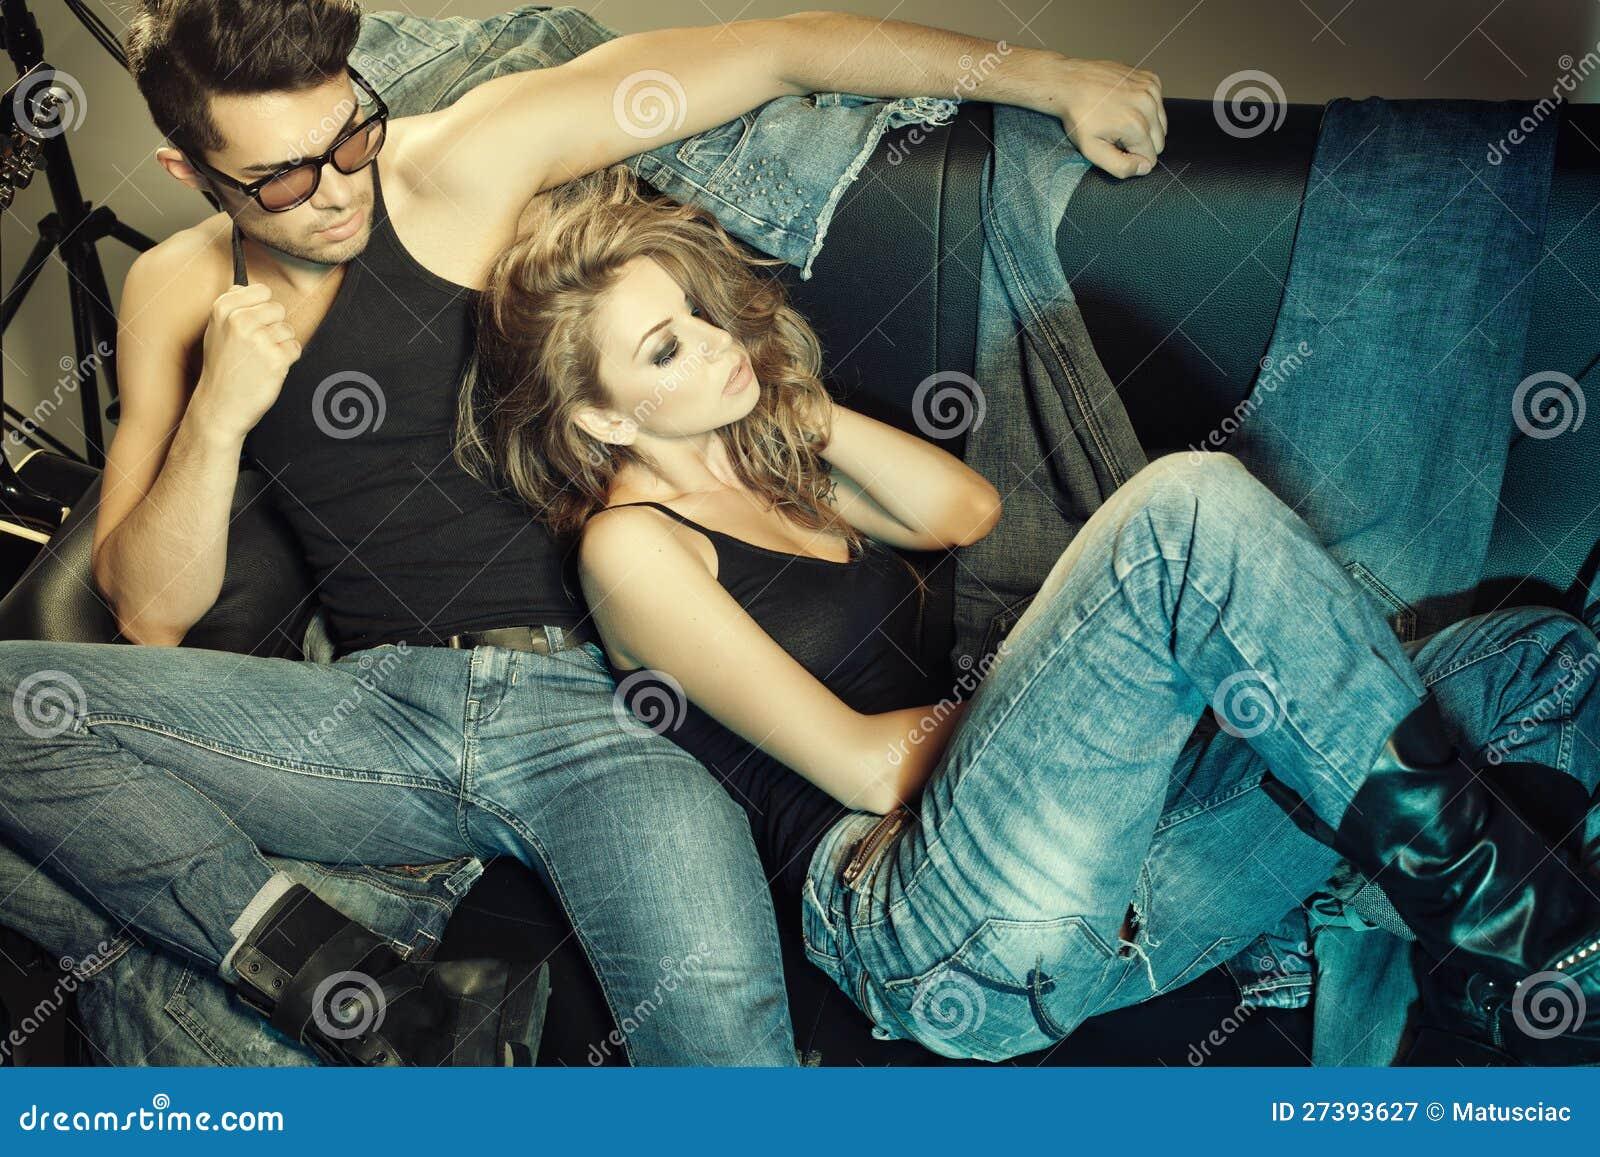 partie de cul entre homme et femme amoureux : video de